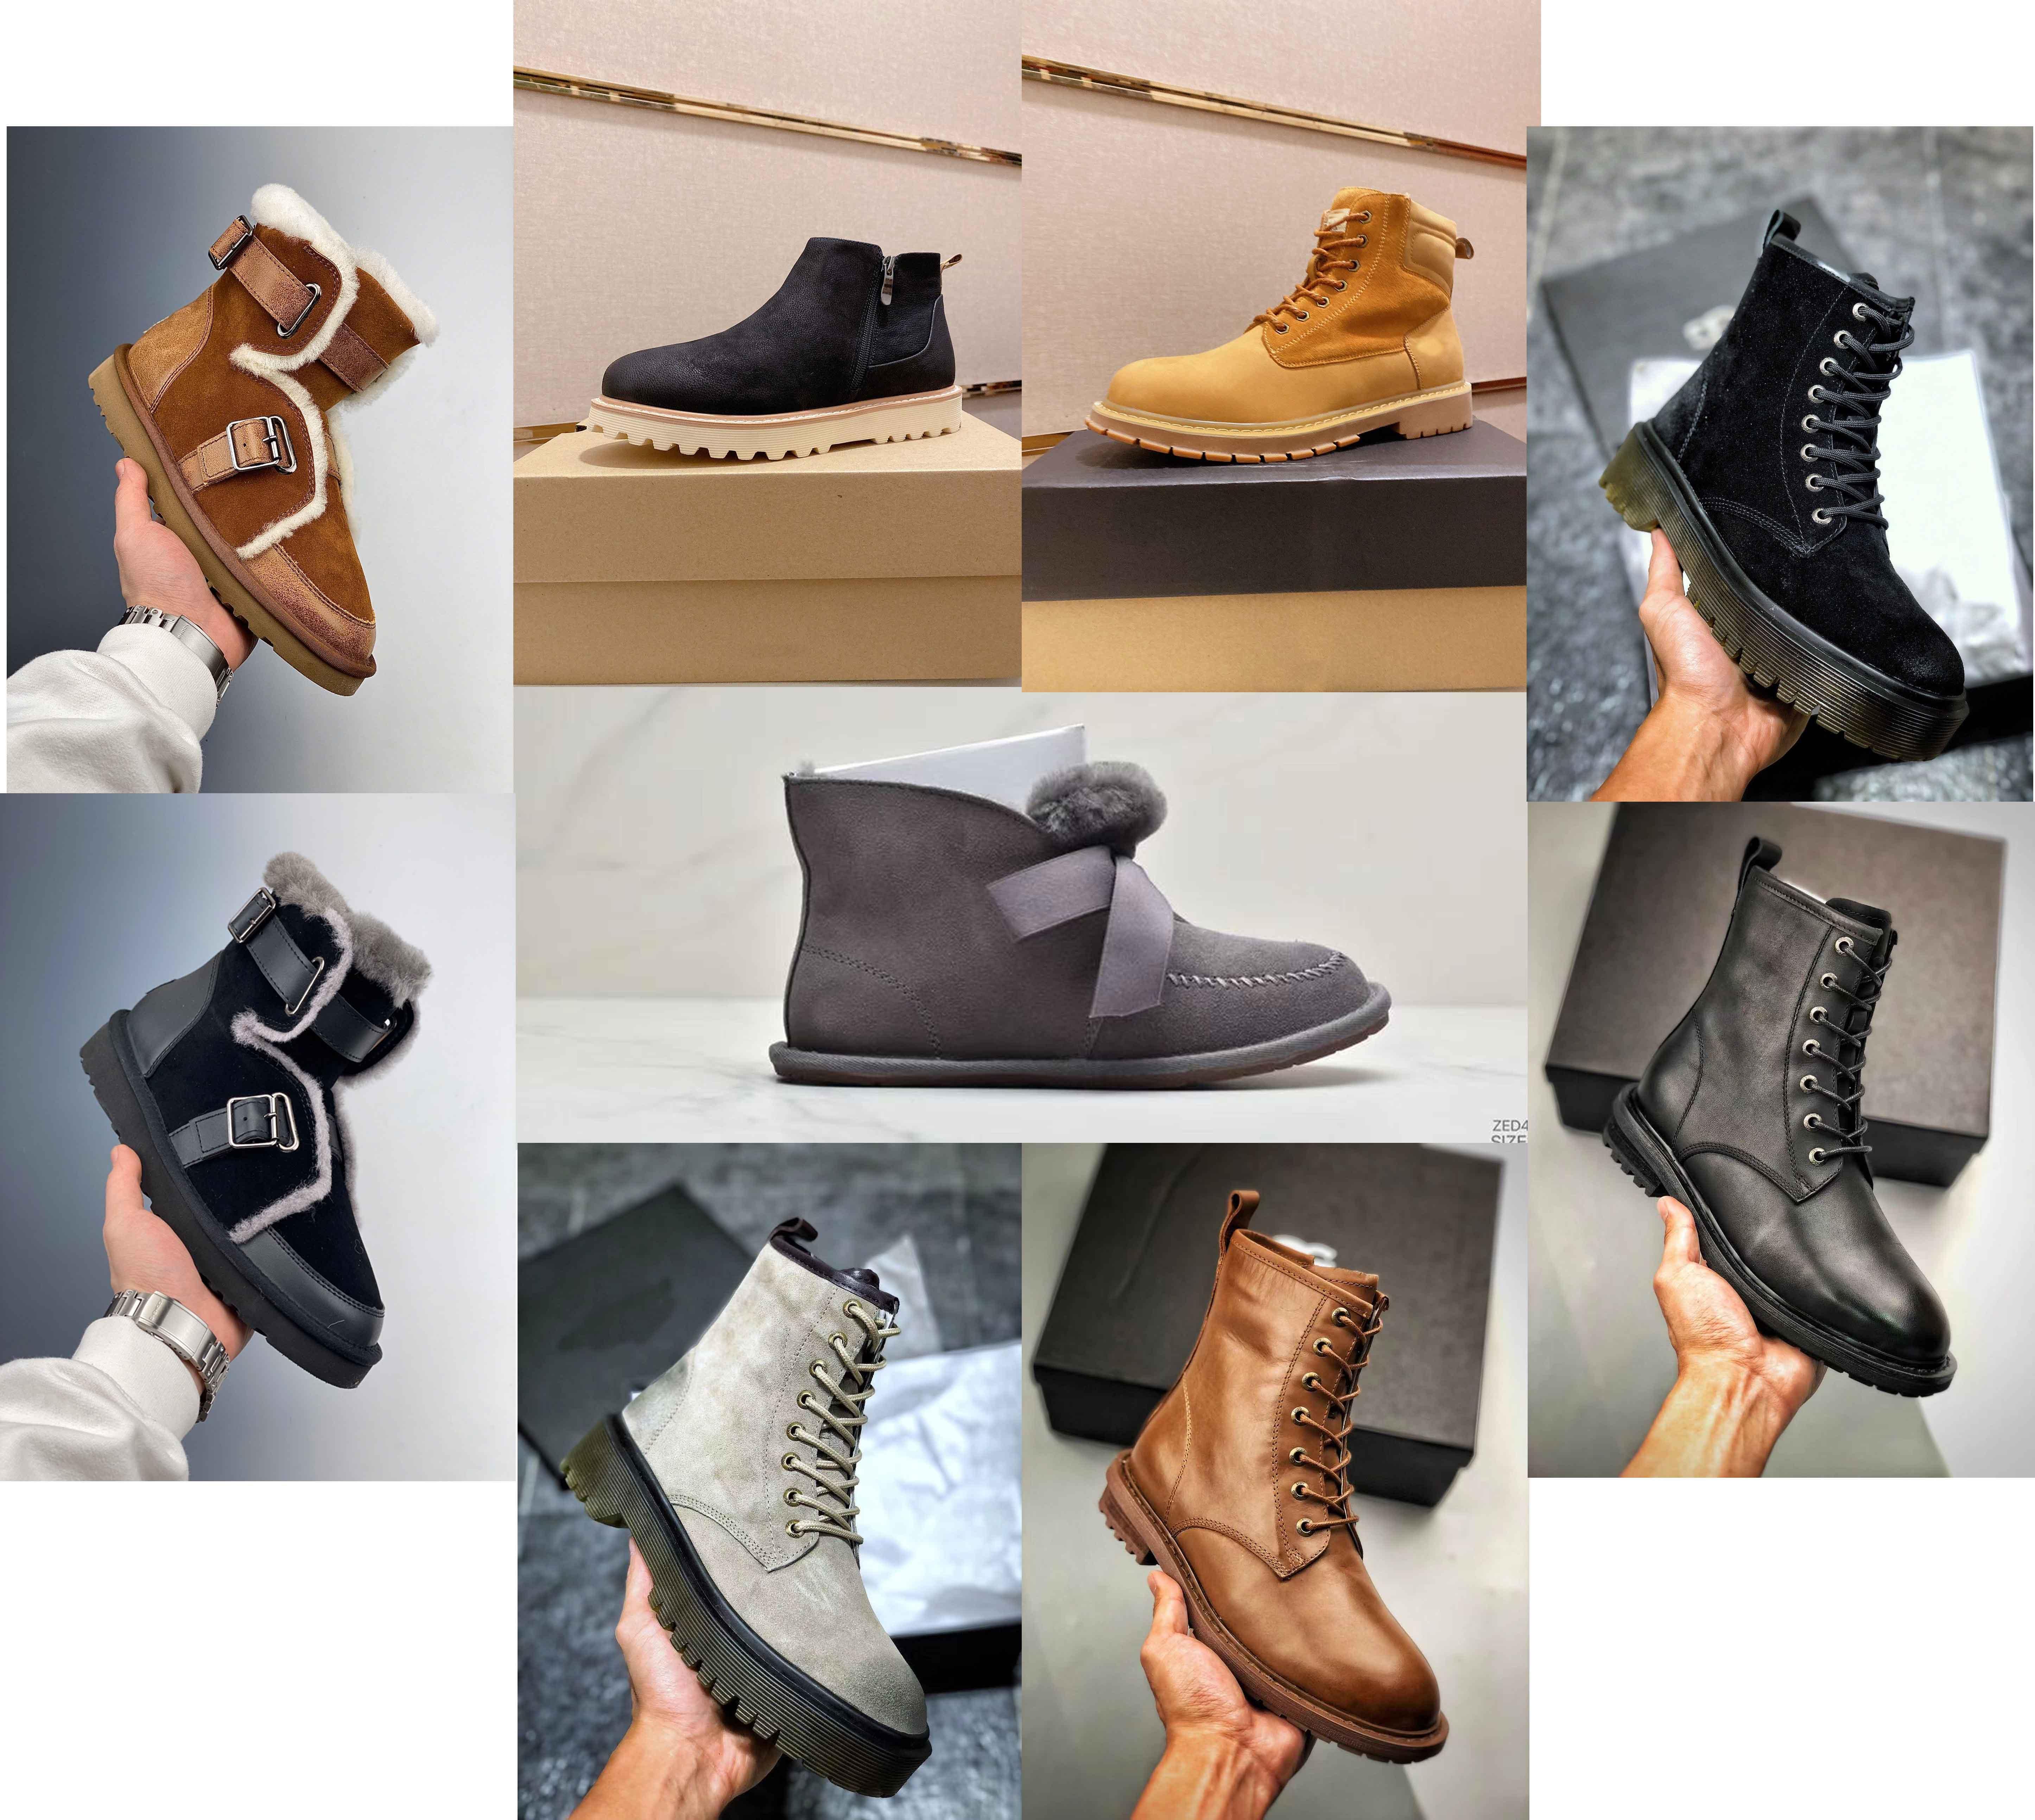 Tasarımcı Kadınlar Avustralya Avustralya Çizmeler Kadınlar Kış Kar Kürk Kürklü Saten Boot Deri Ayakkabı En Kaliteli Ayak Bileği Patik Kürk Deri Açık